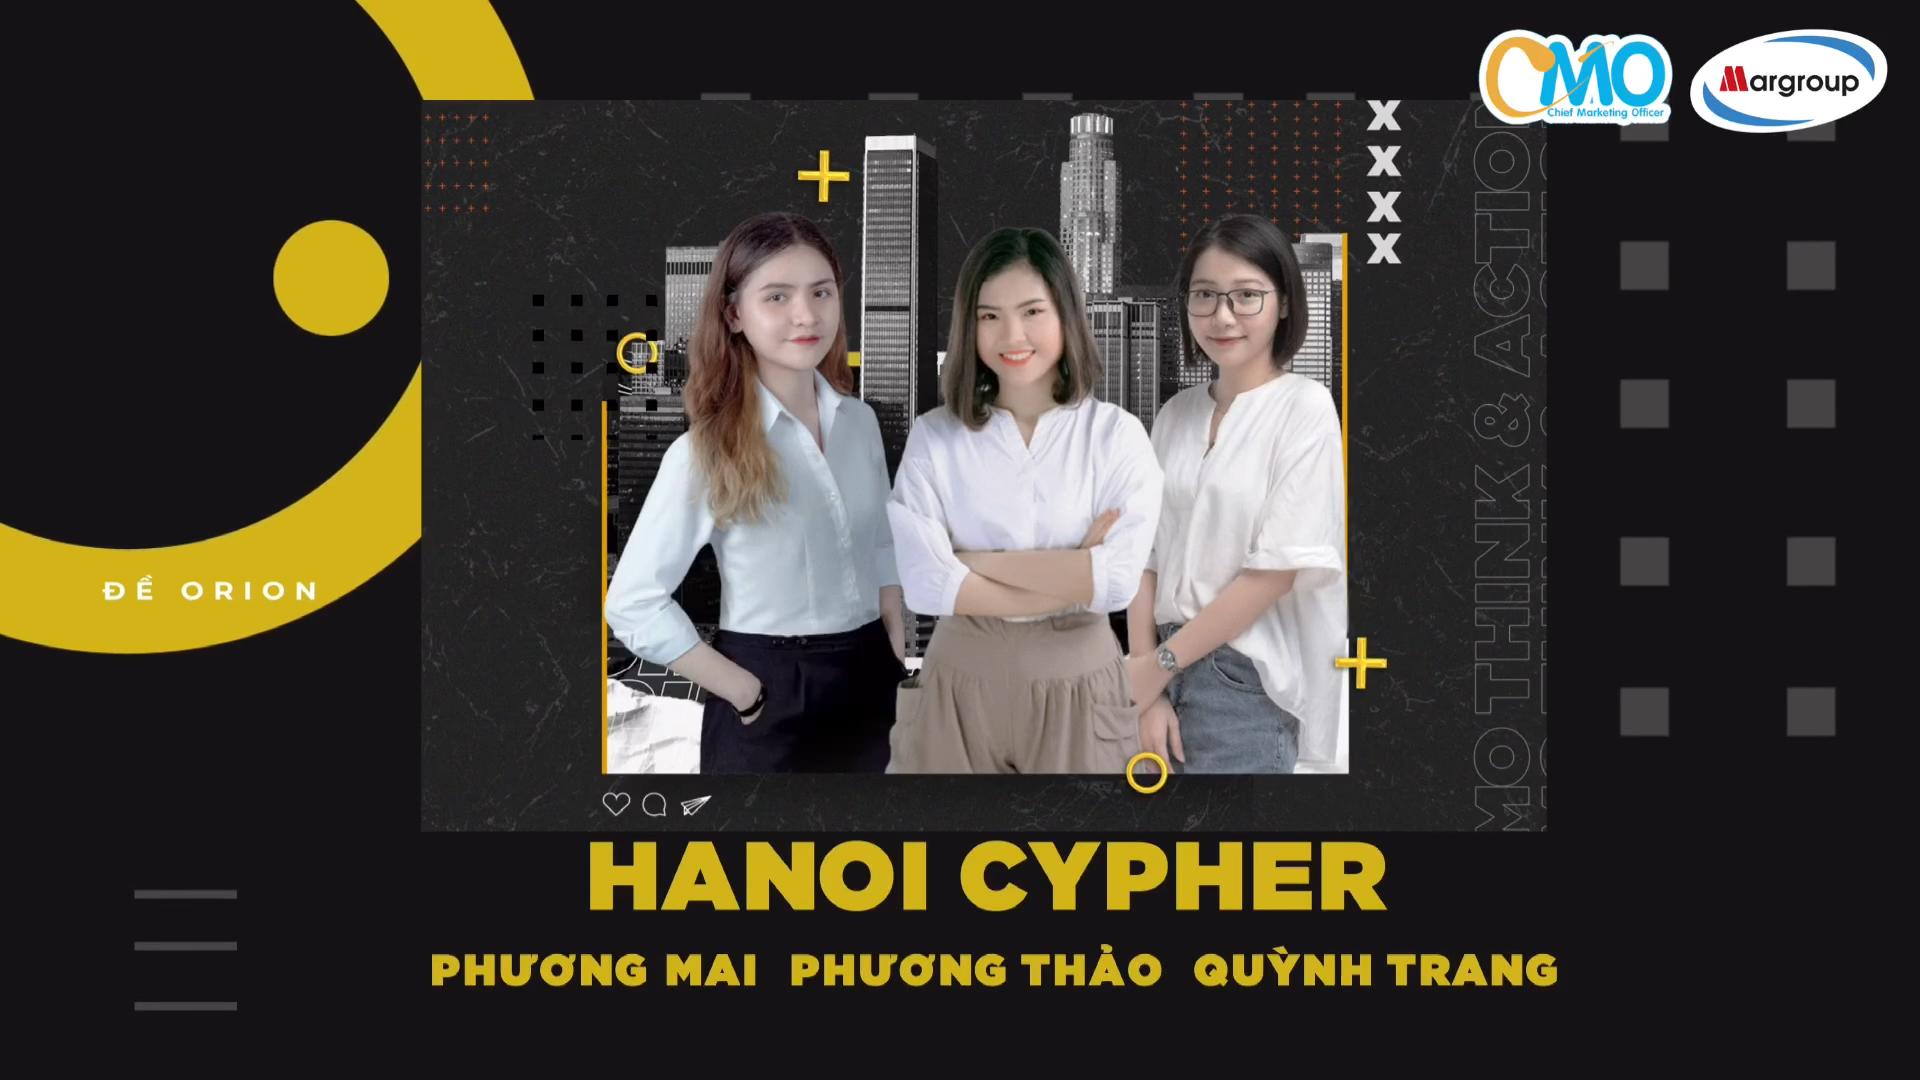 Hanoi _Cypher